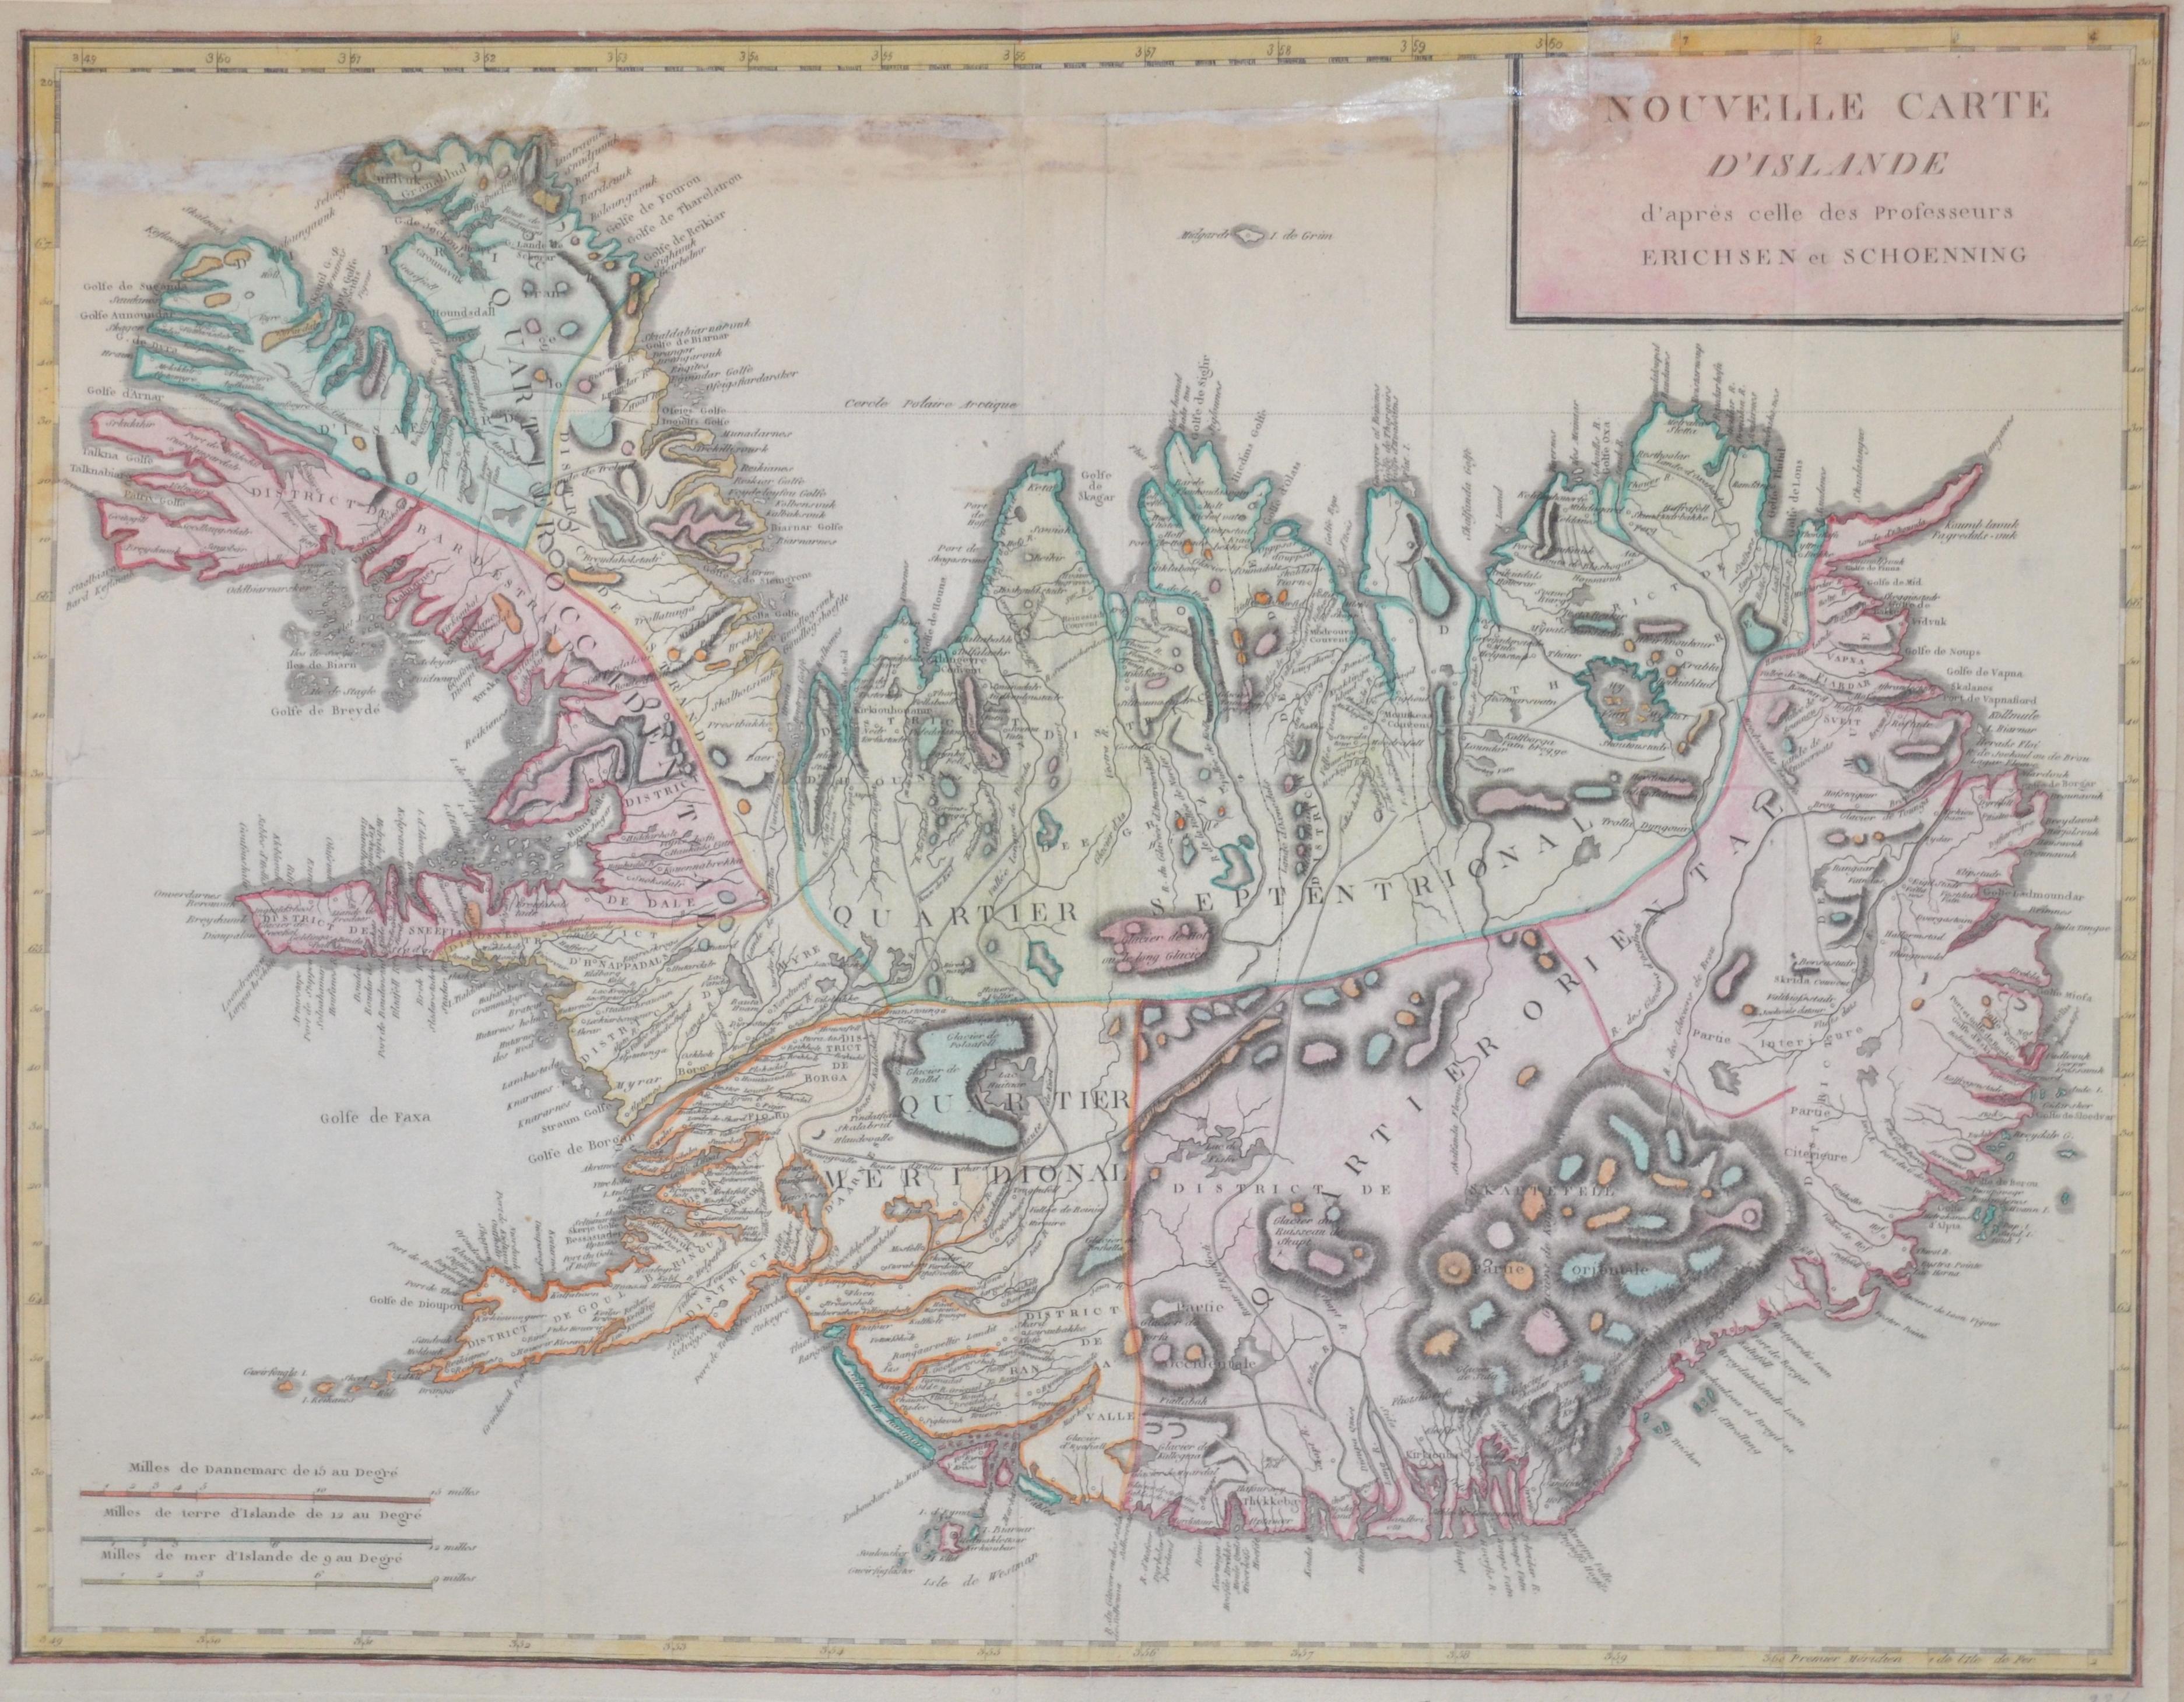 Danoise S. M. Nouvelle Carte d' Islande d'après celle des Professeurs Erichsen et Schoenning